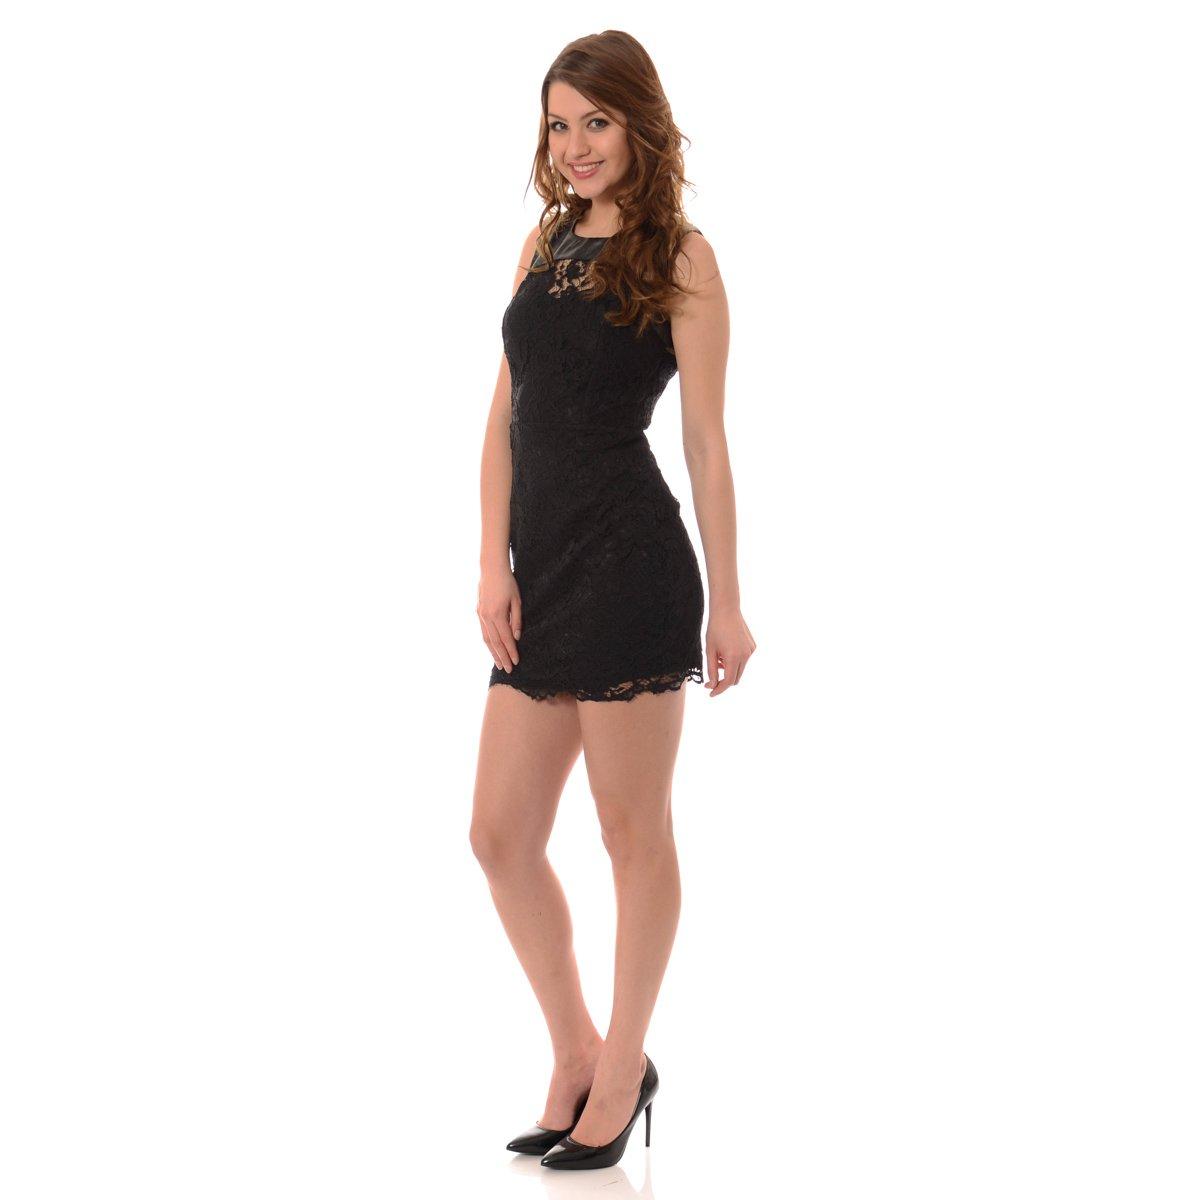 adb11bb84d Damska Sukienka Koronkowa Jimena Mała Czarna Brendipl